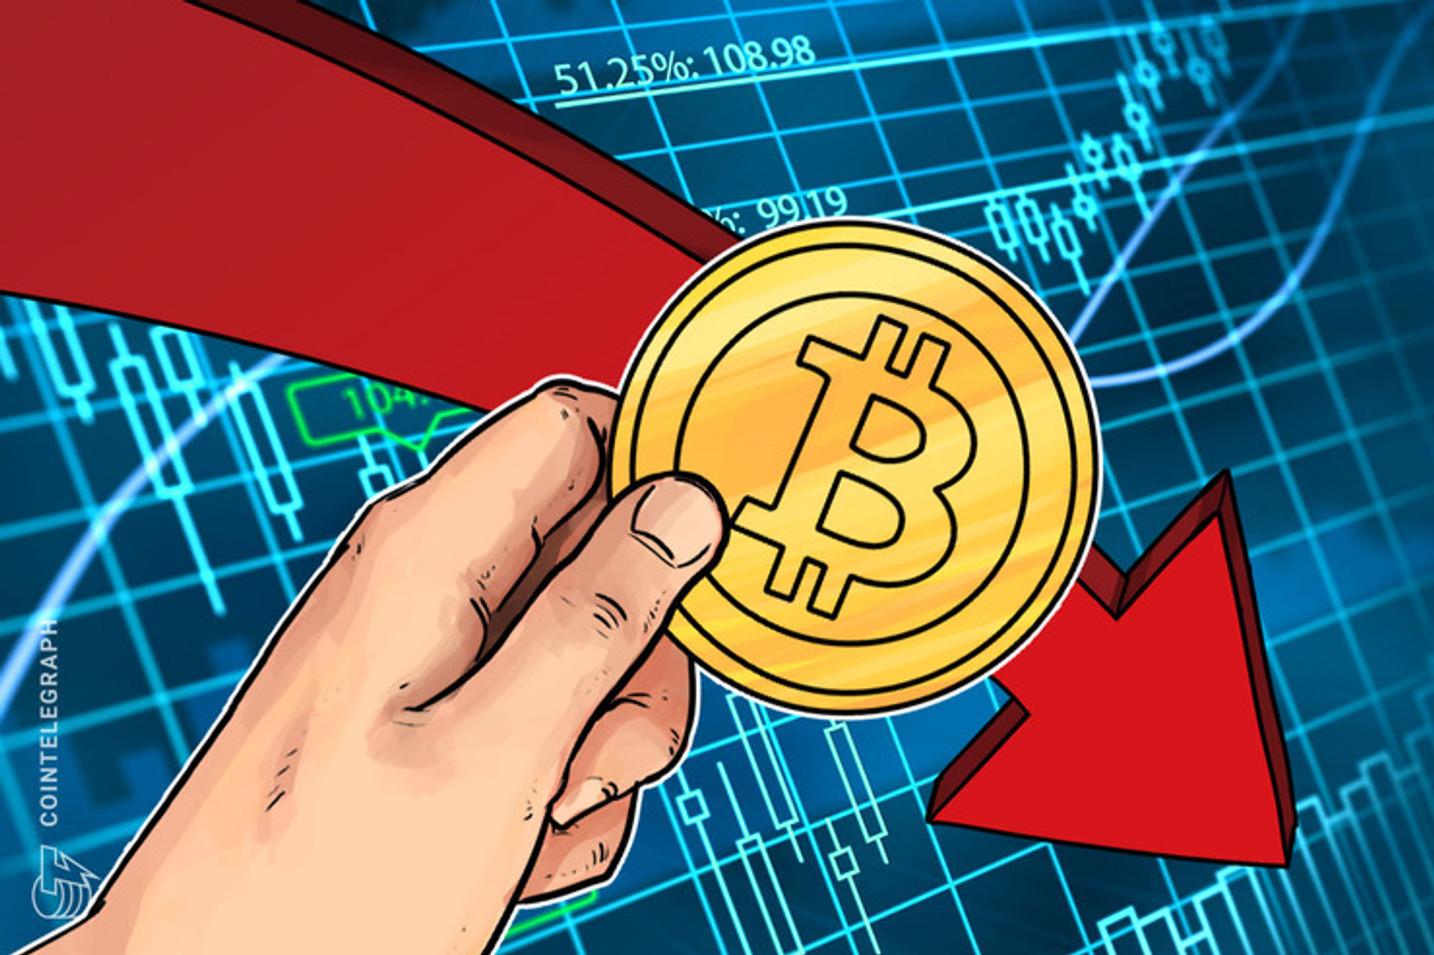 ¿El precio de Bitcoin caerá hasta la zona de los 5k antes del próximo halving? La opinión de los expertos